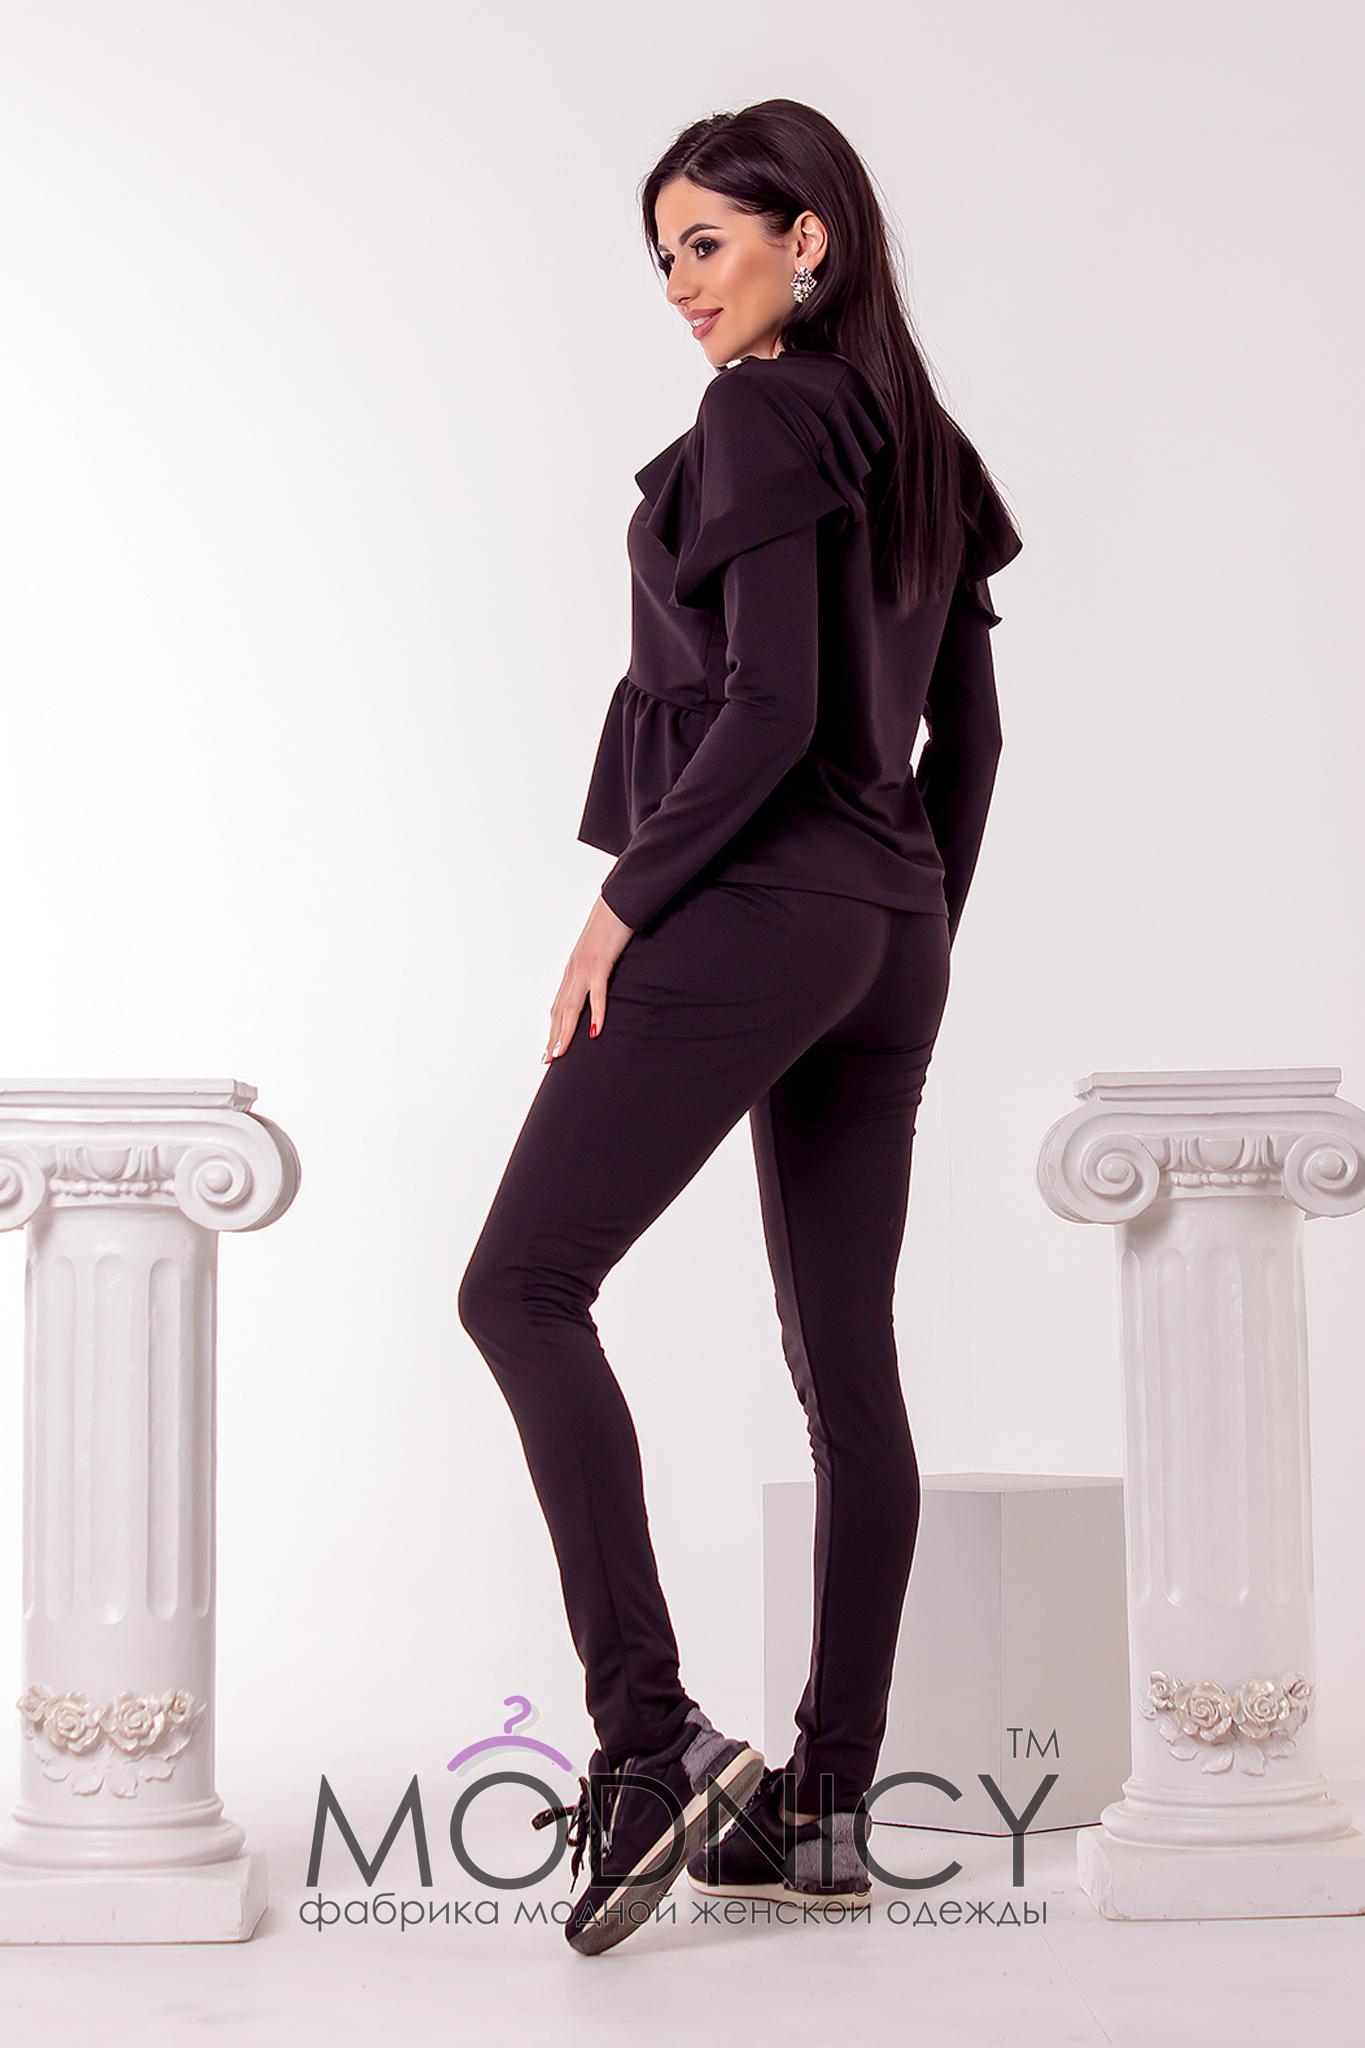 bd3e58be Купить Стильный женский спортивный костюм 3703 черный цвет